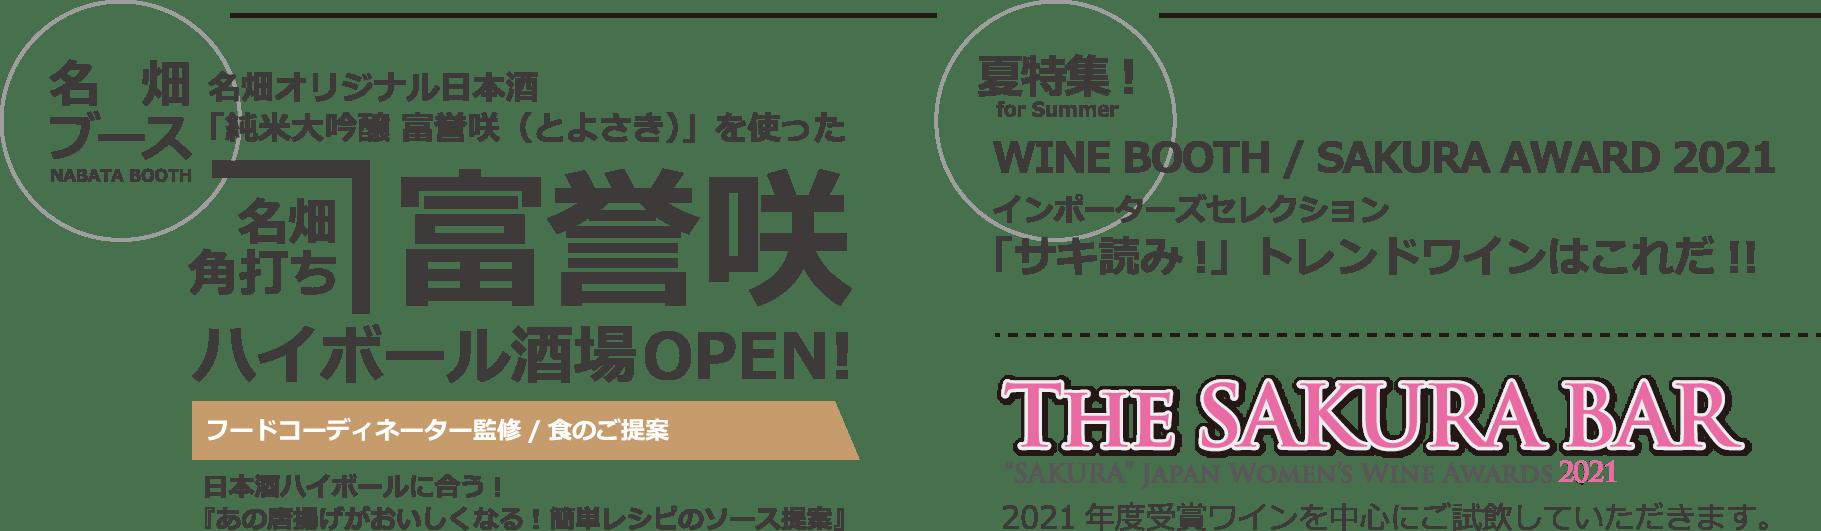 名畑ブースでは「名畑角打ち富誉咲」ハイボール酒場OPEN! 夏特集!2021年のトレンドワインをサキ読み!!